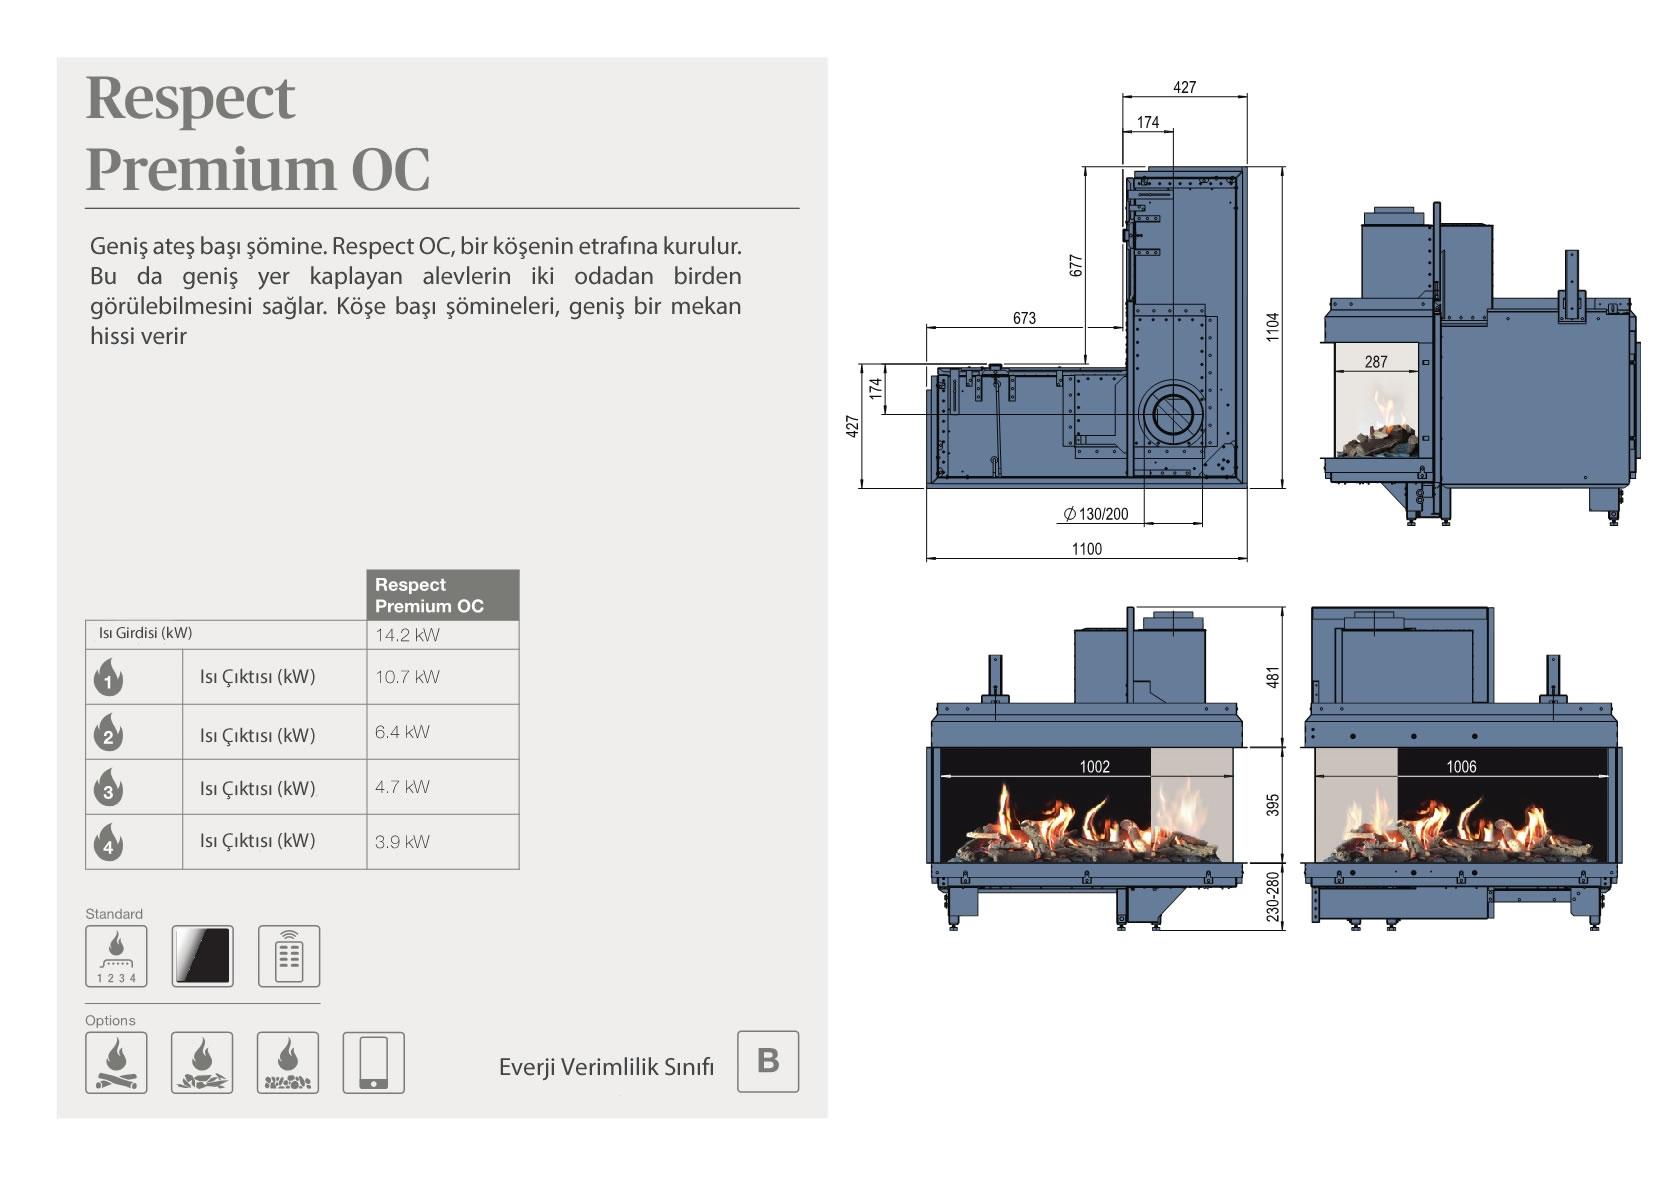 Faber Doğalgazlı Şömineler - Respect Premium OC